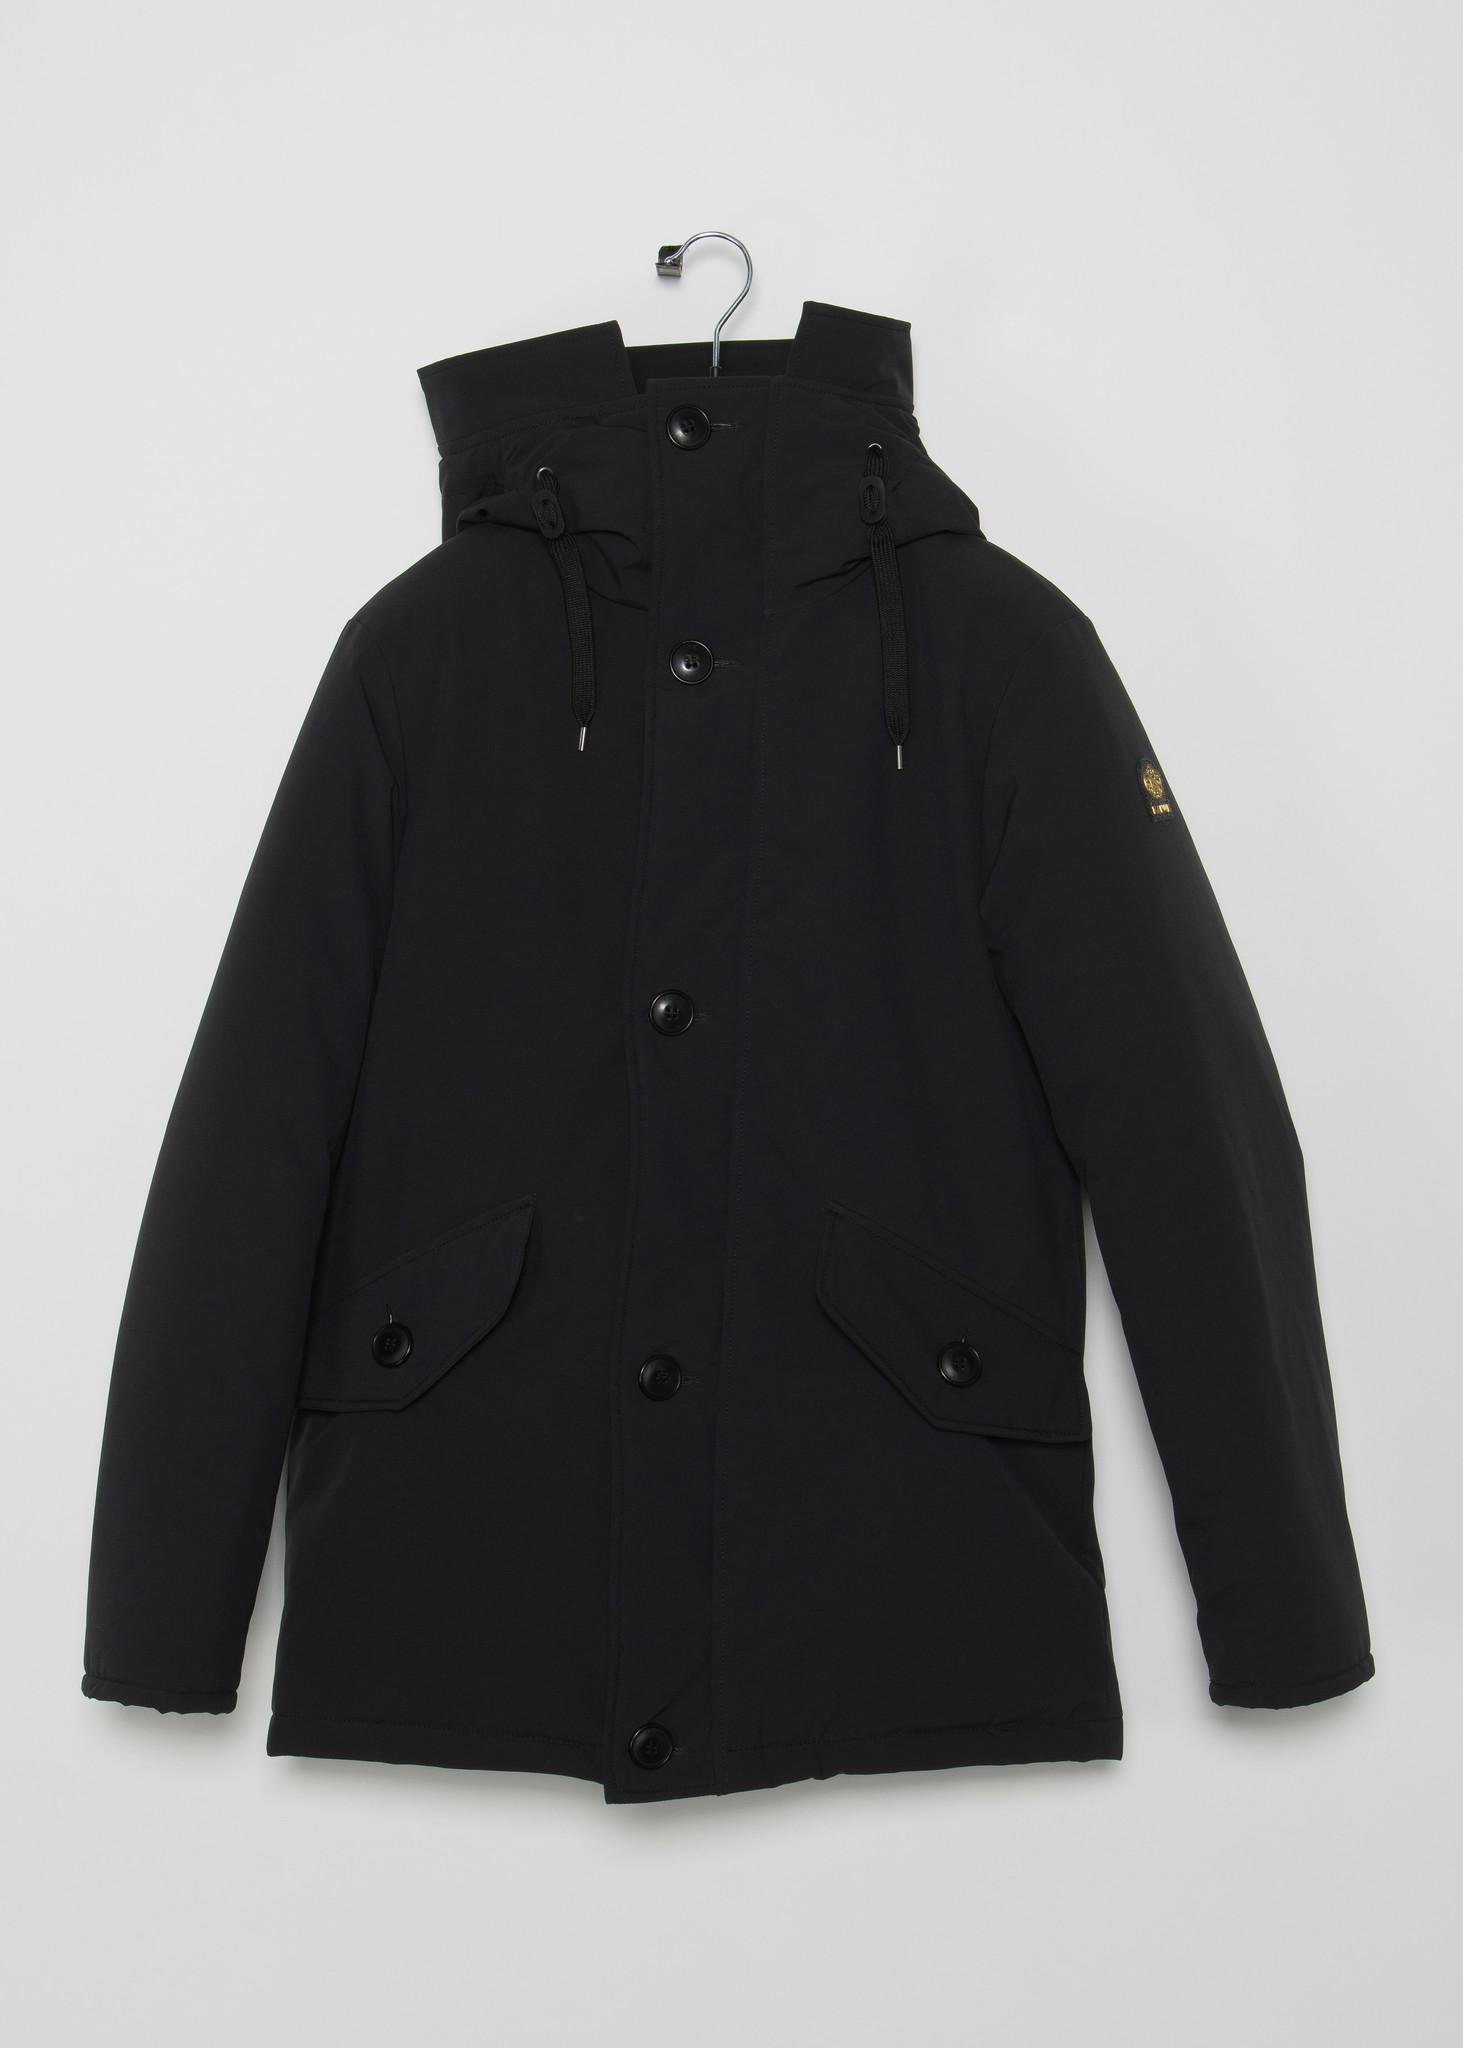 Black Brav Jacket